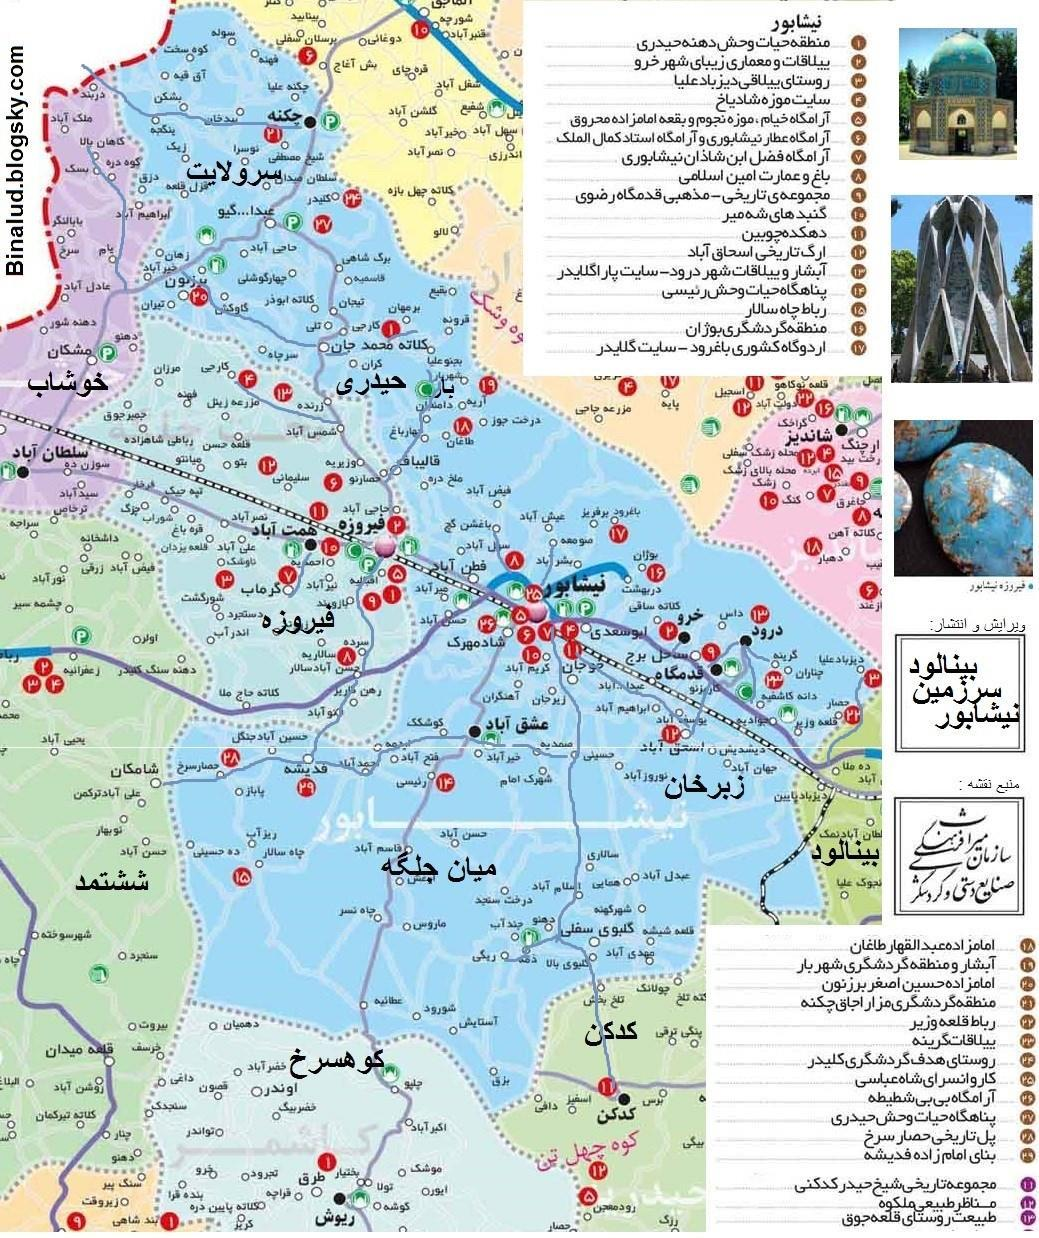 تاریخچه و نقشه جامع شهر نیشابور در ویکی خبرنگاران